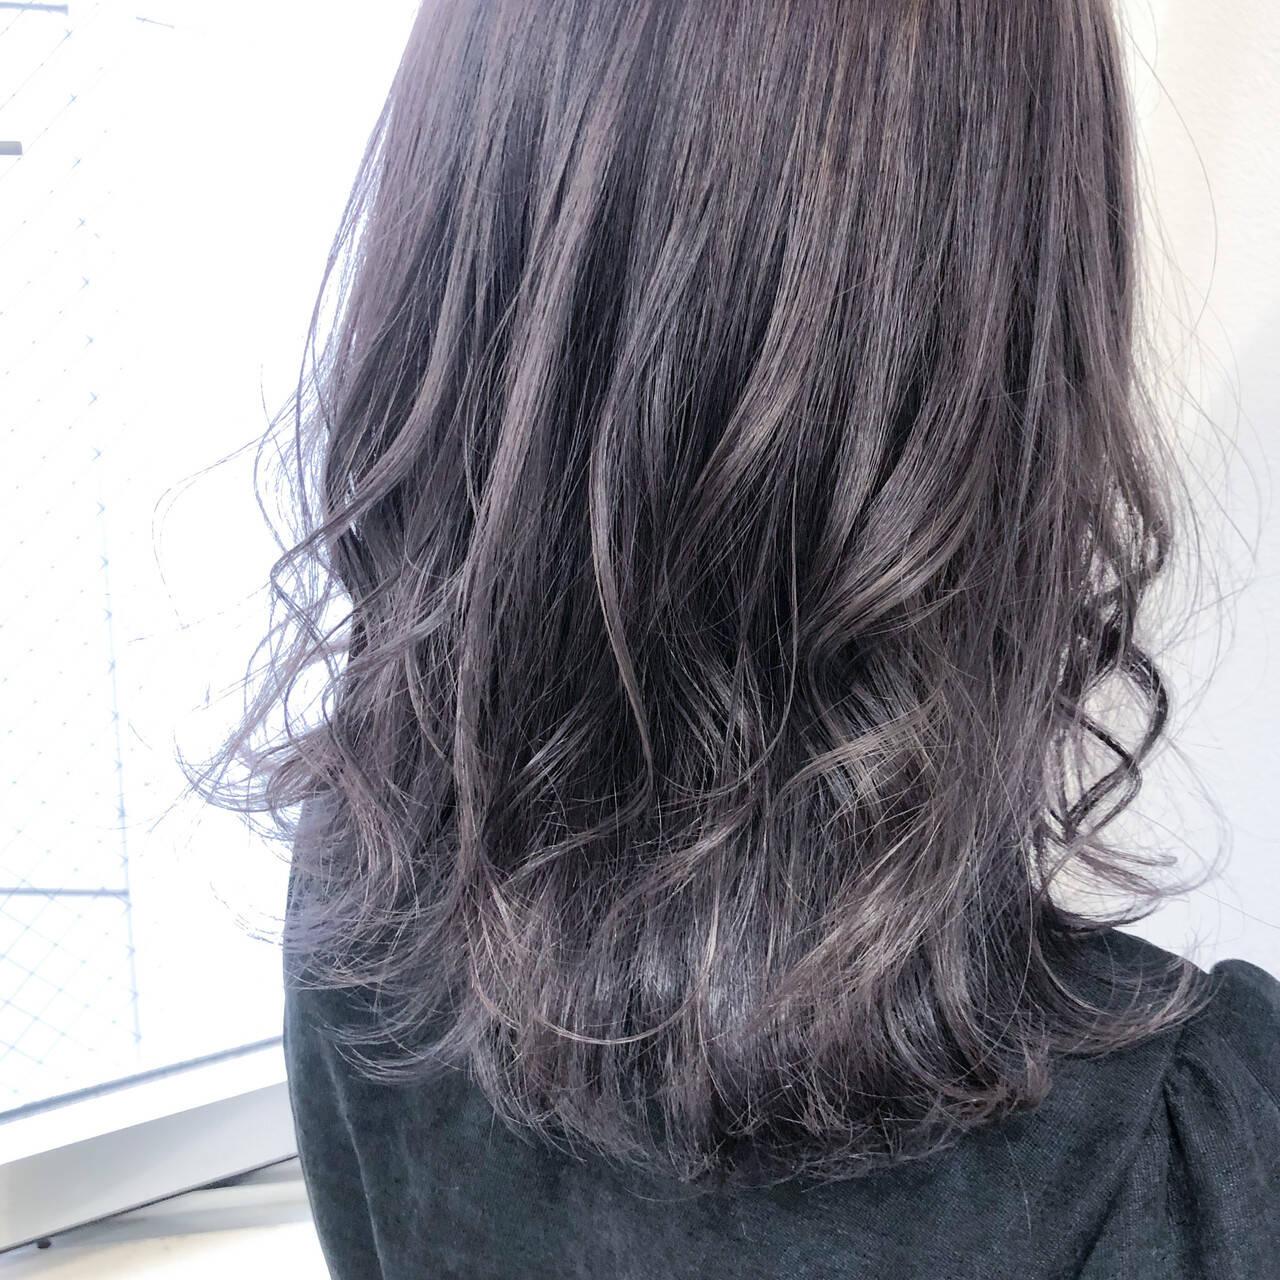 巻き髪 ストリート セミロング ラベンダーグレージュヘアスタイルや髪型の写真・画像